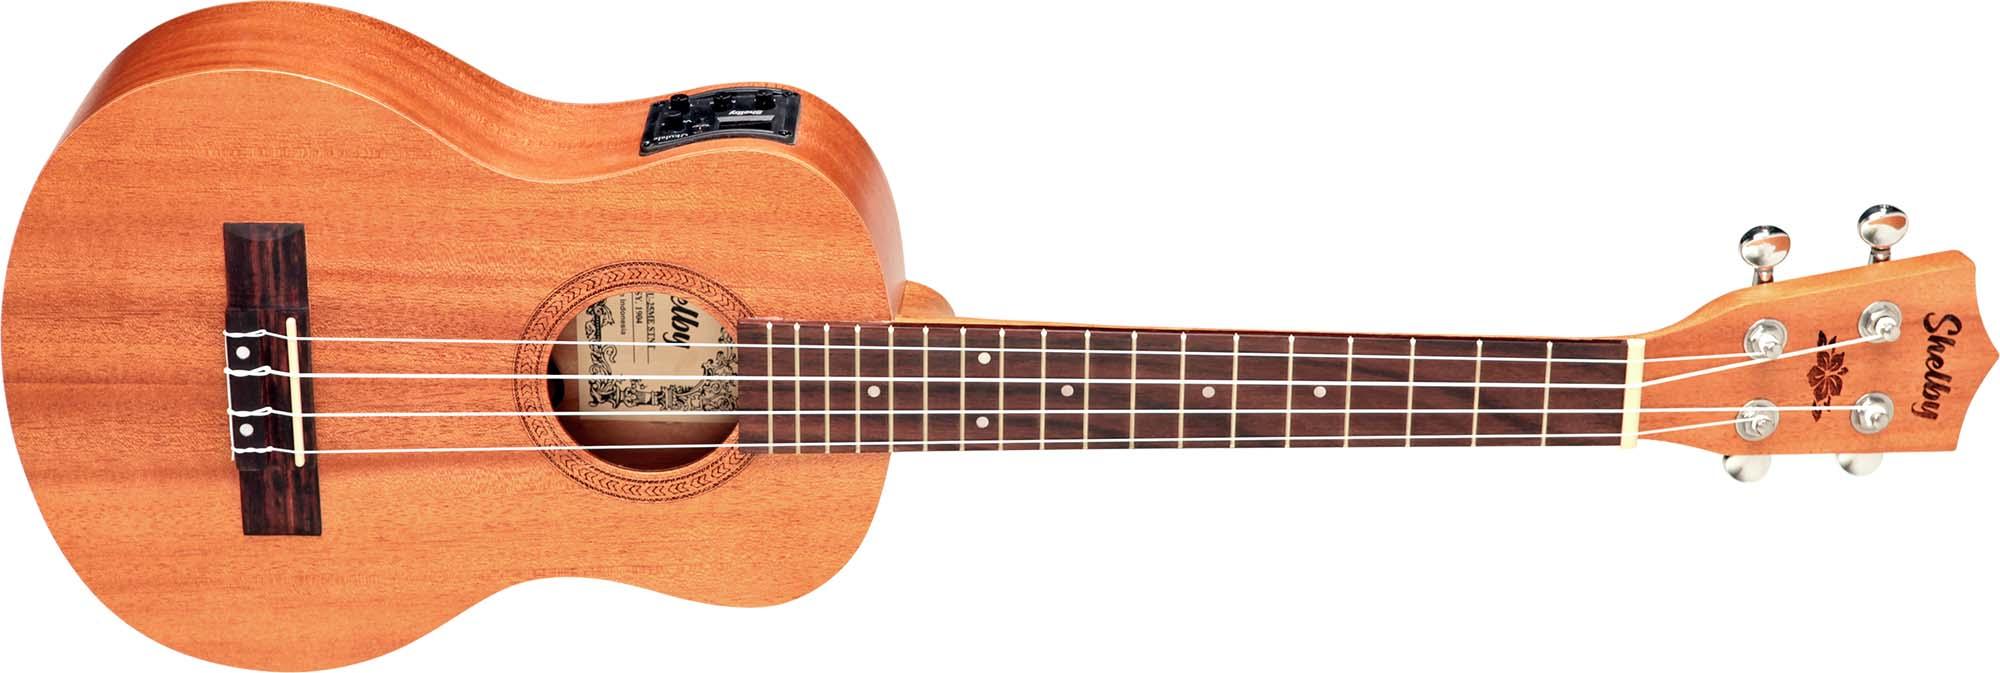 su25me ukulele tenor eletroacustico shelby su25me stnt mogno acetinado visao frontal